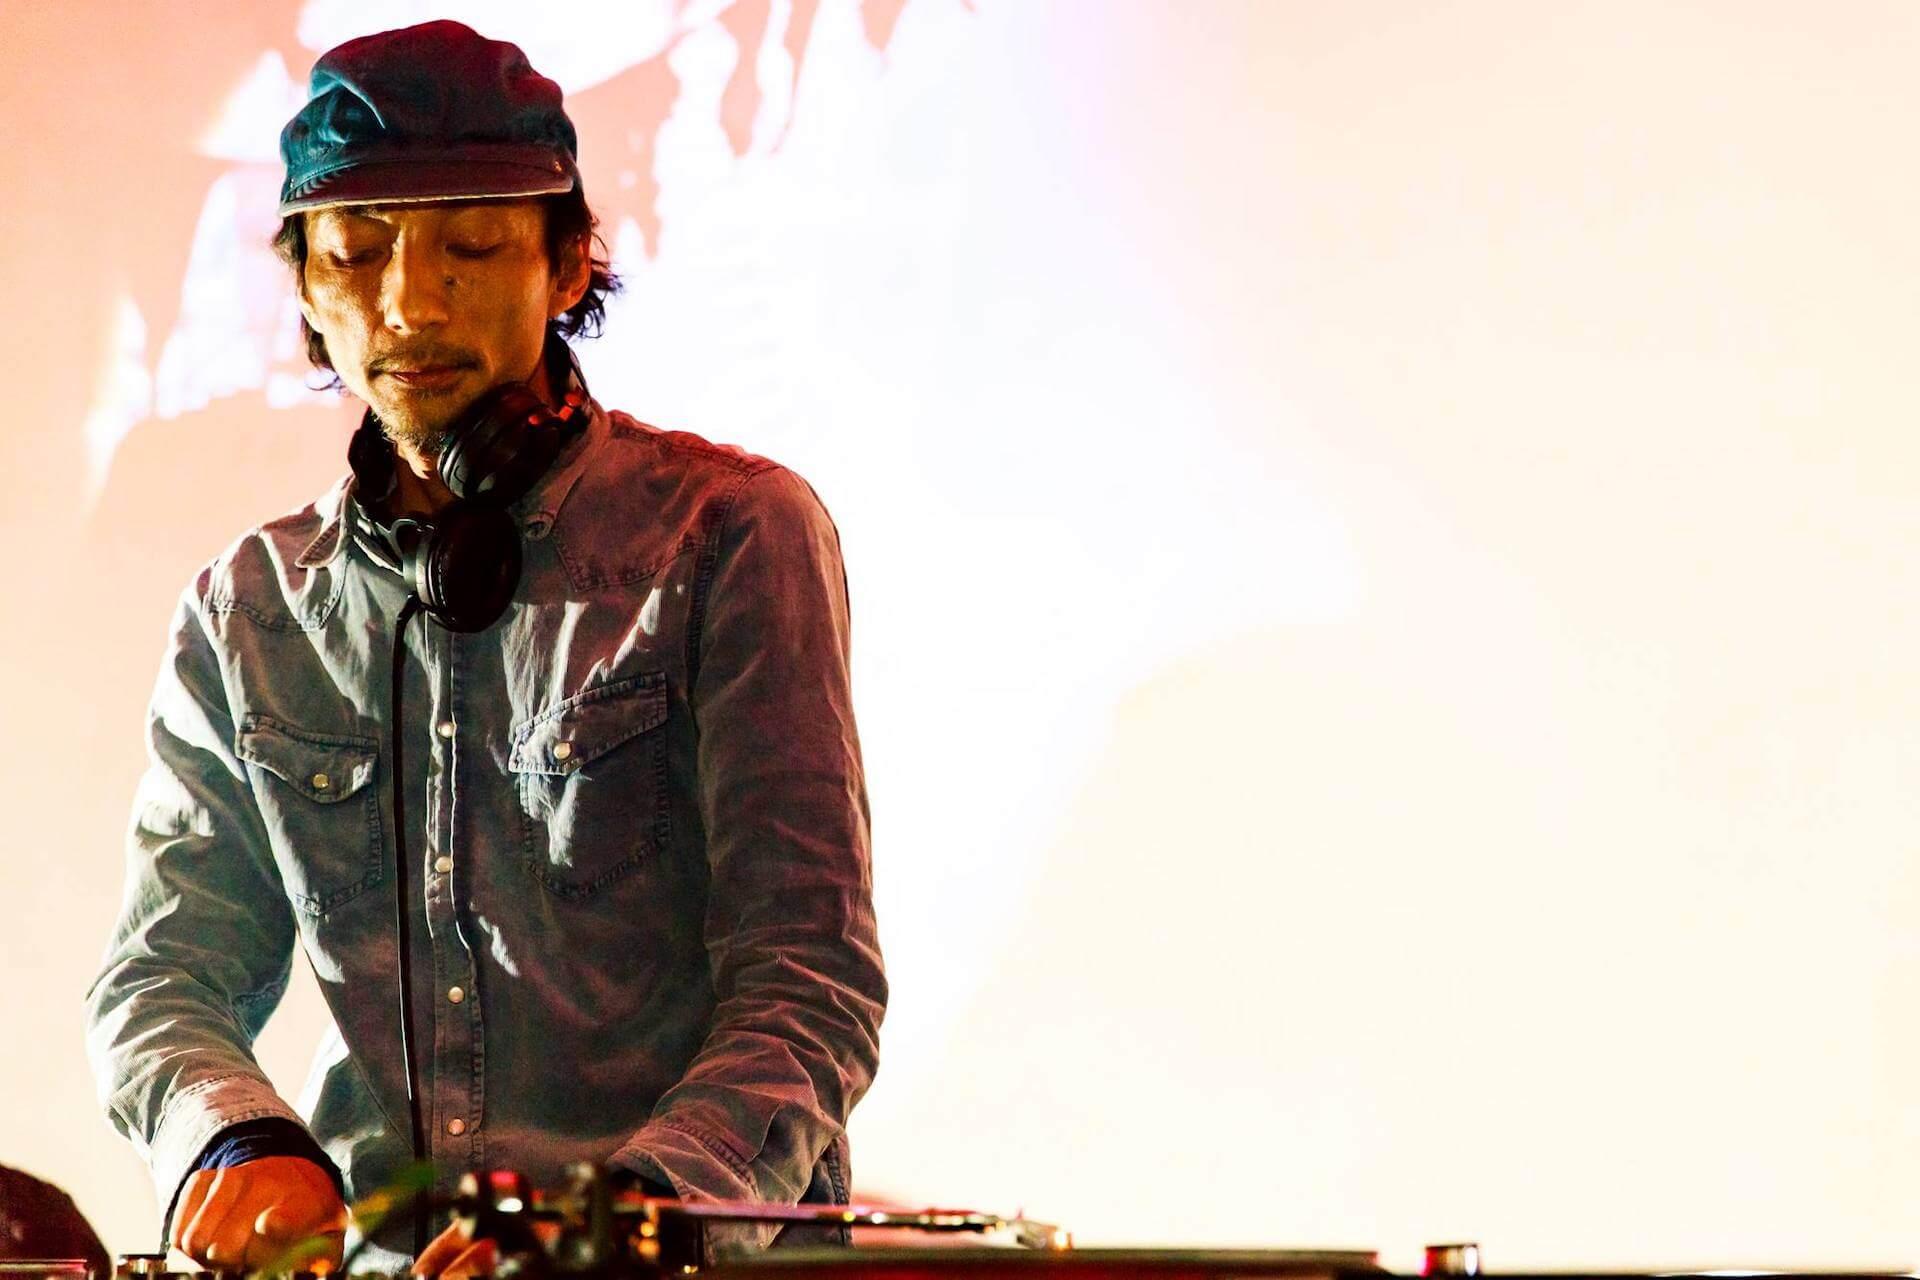 日本発の新興ハウスレーベル〈Ladybug〉ローンチパーティーが9月にWWWβで開催|ALTZ、IGAXX、Dr.Nishimura、Aquarium aka 外神田deepspaceらが登場 music190812-ladybug-1